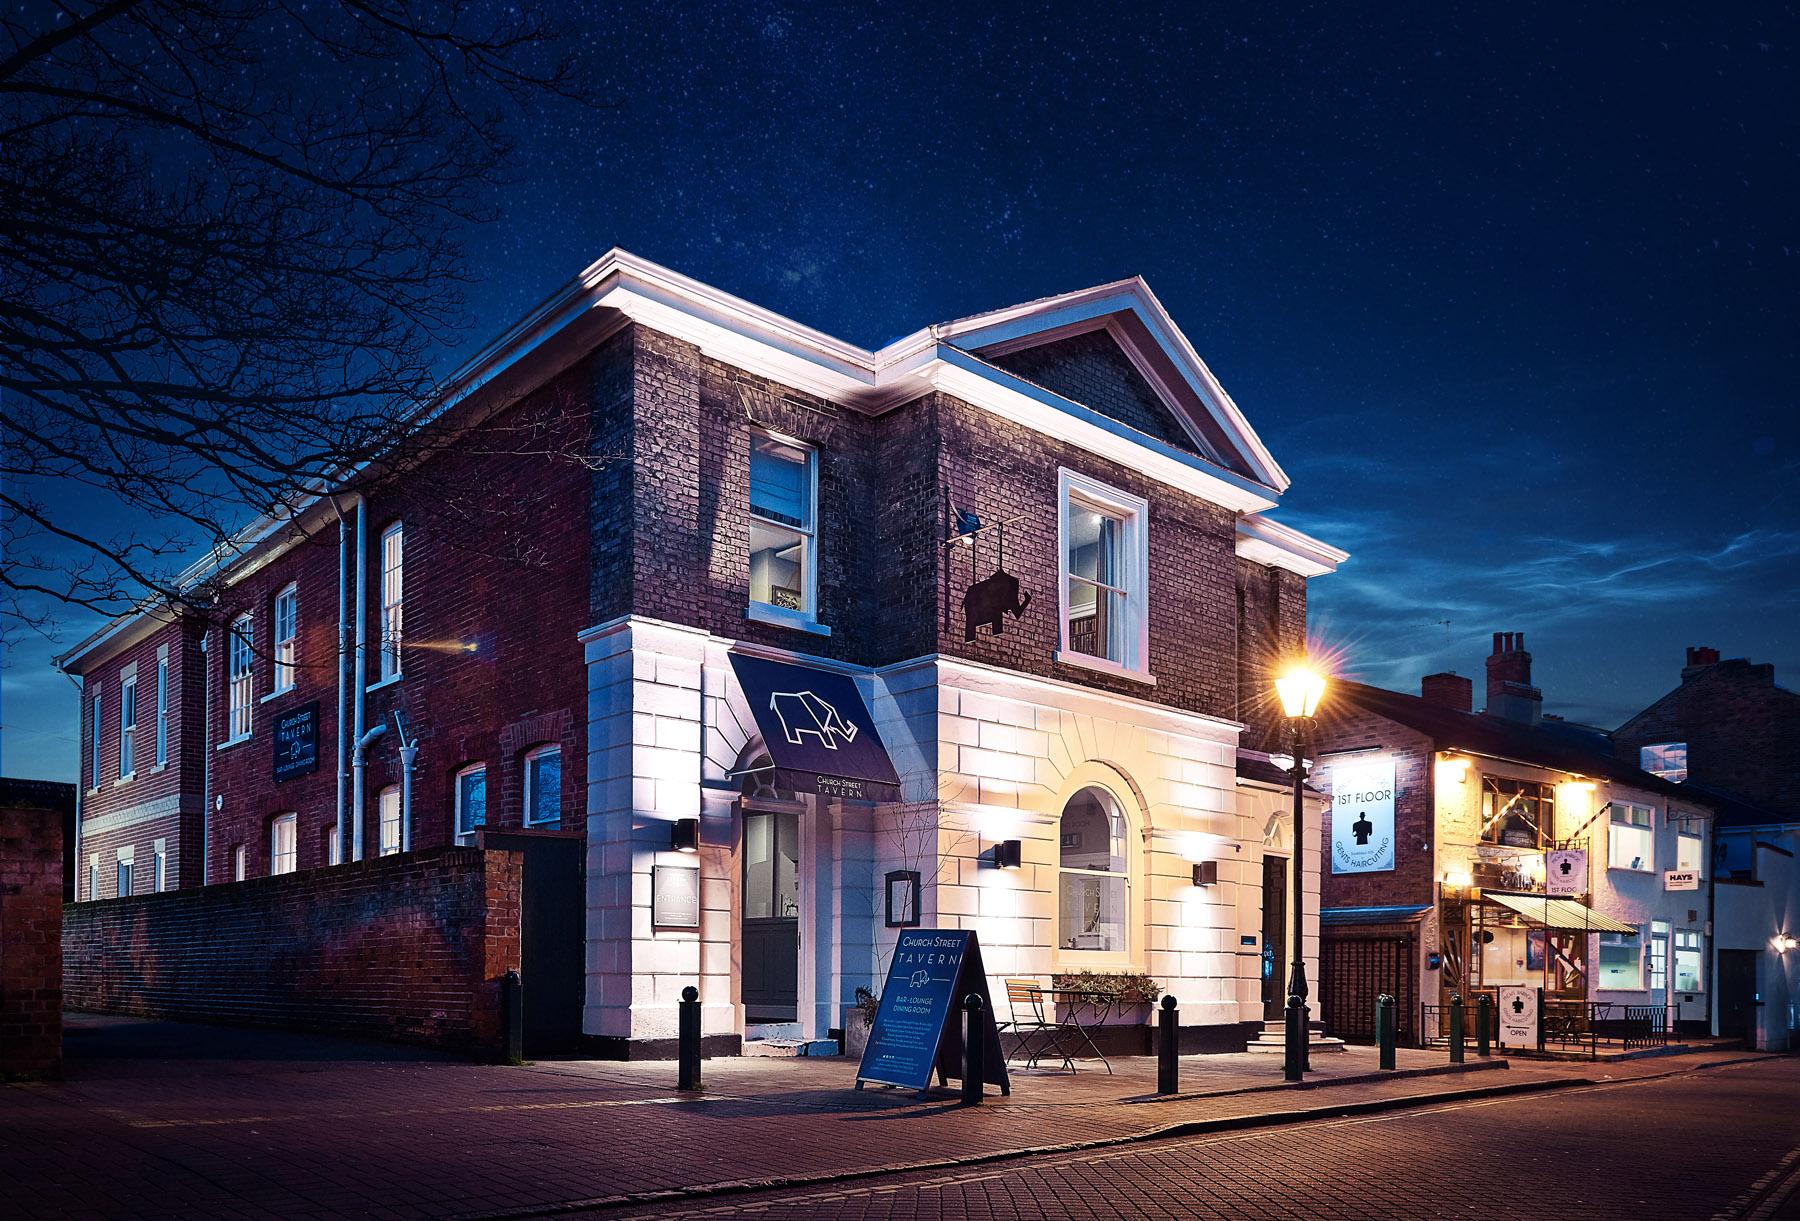 Church Street Tavern  Restaurants in Essex Where to eat in Essex